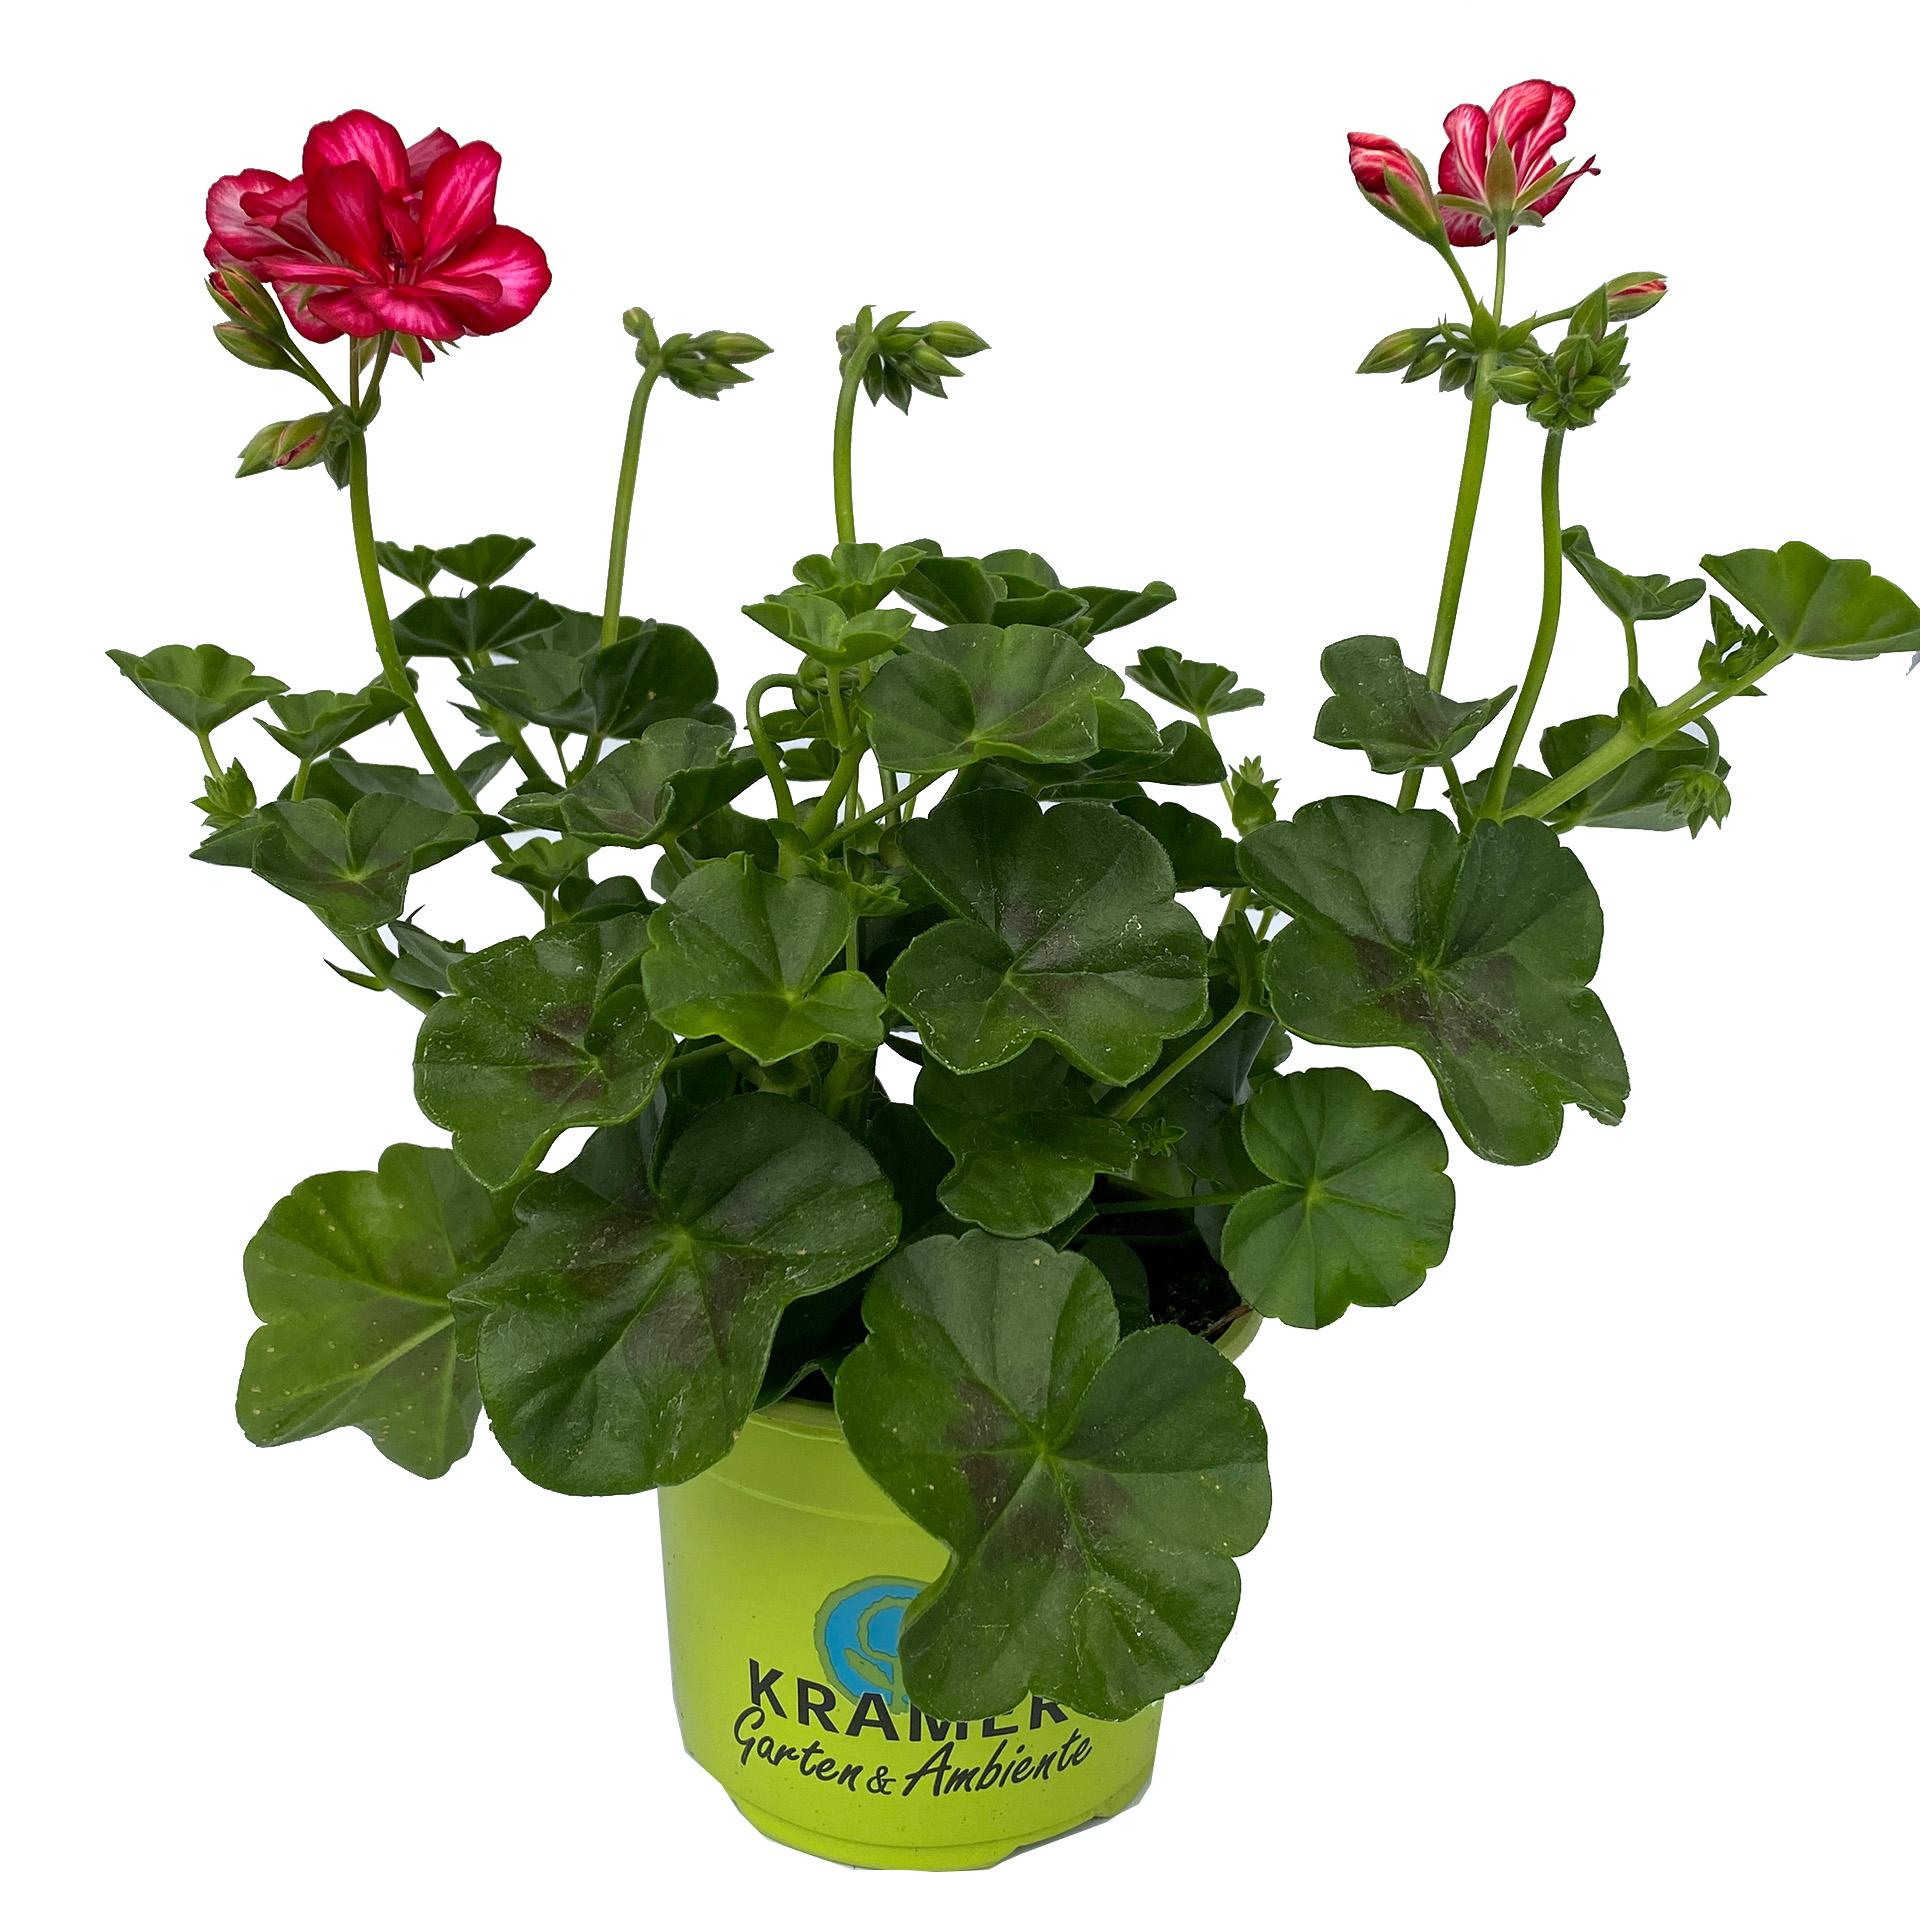 Geranie hängend - Pelargonium peltatum 'Sunflair Lollipop Chris' rot/weiß, 12cm Topf